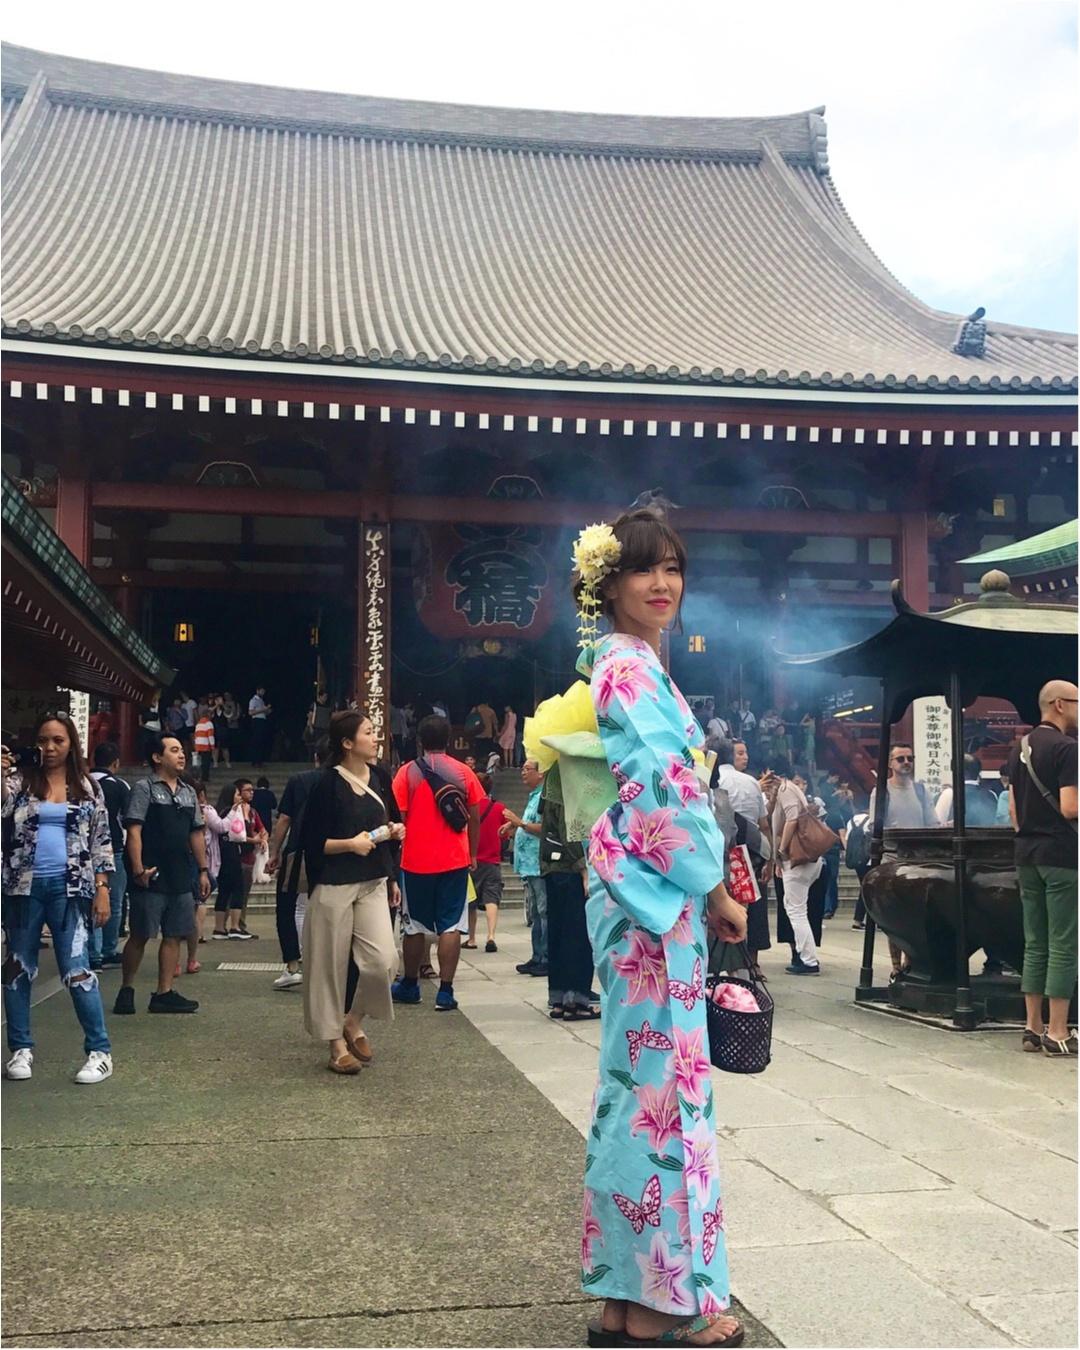 【ご当地モア】かわいすぎ♡! 浅草で、着物&浴衣なら絶対に「さわだ屋」がおすすめです♡_1